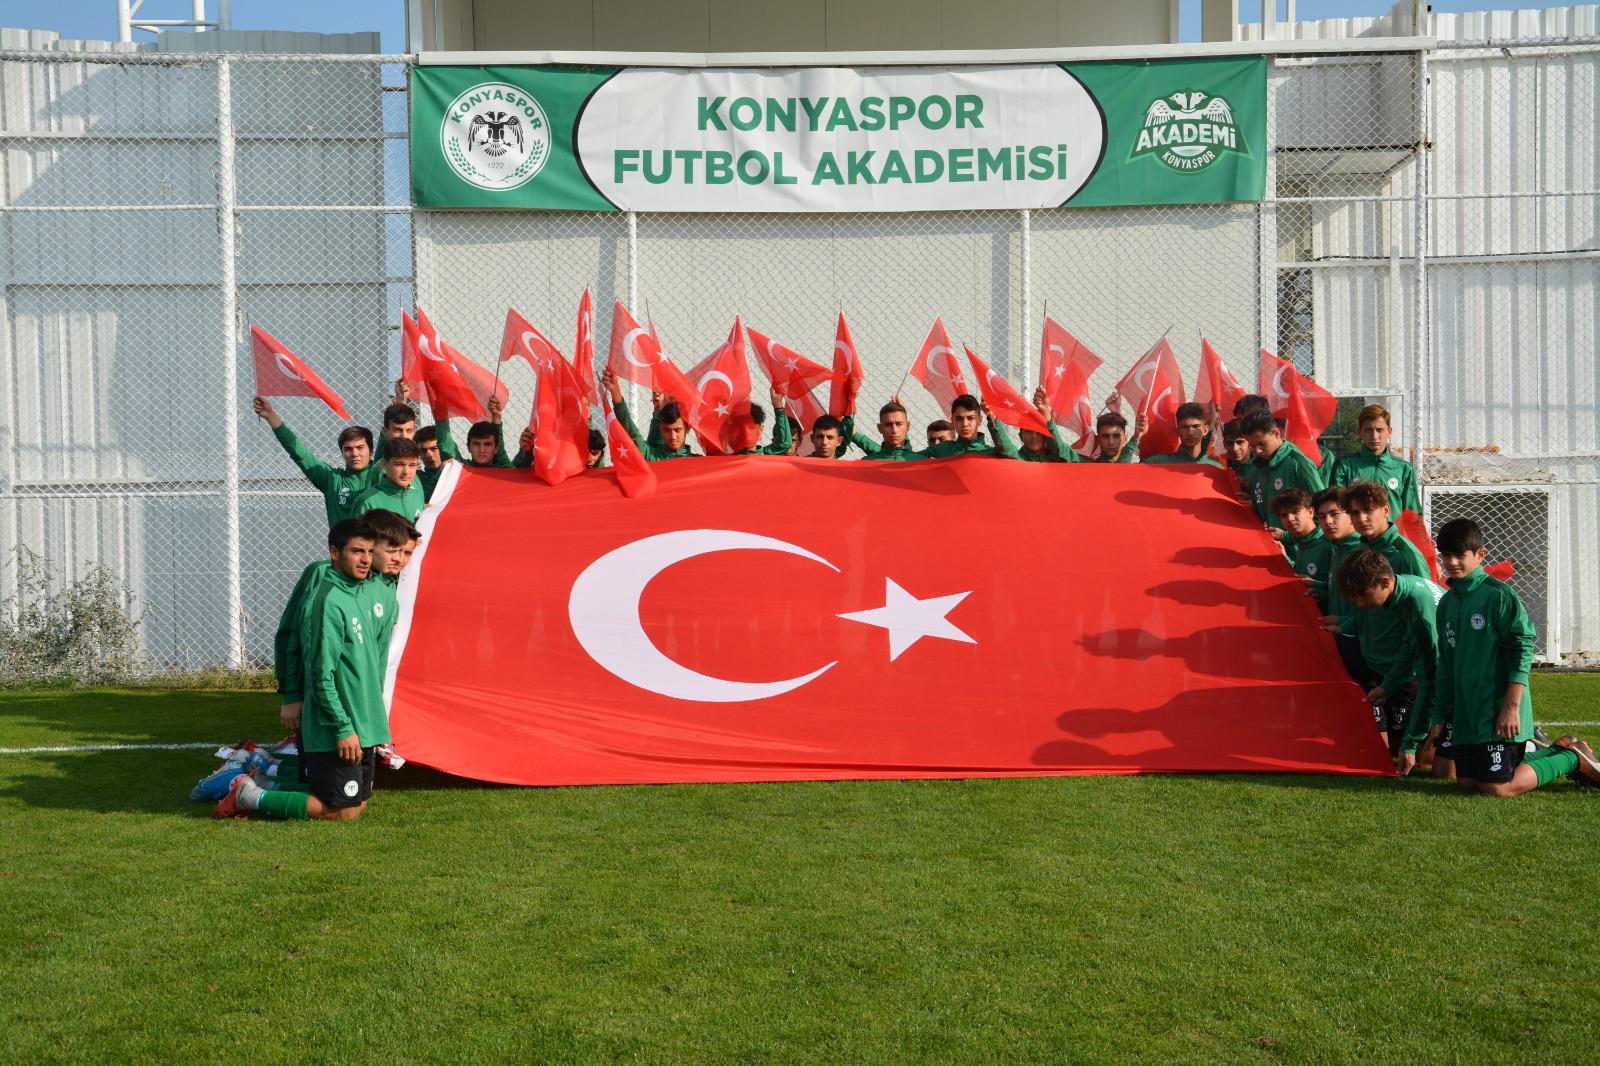 Konyaspor Futbol Akademisi  geleceğe nefes verecek